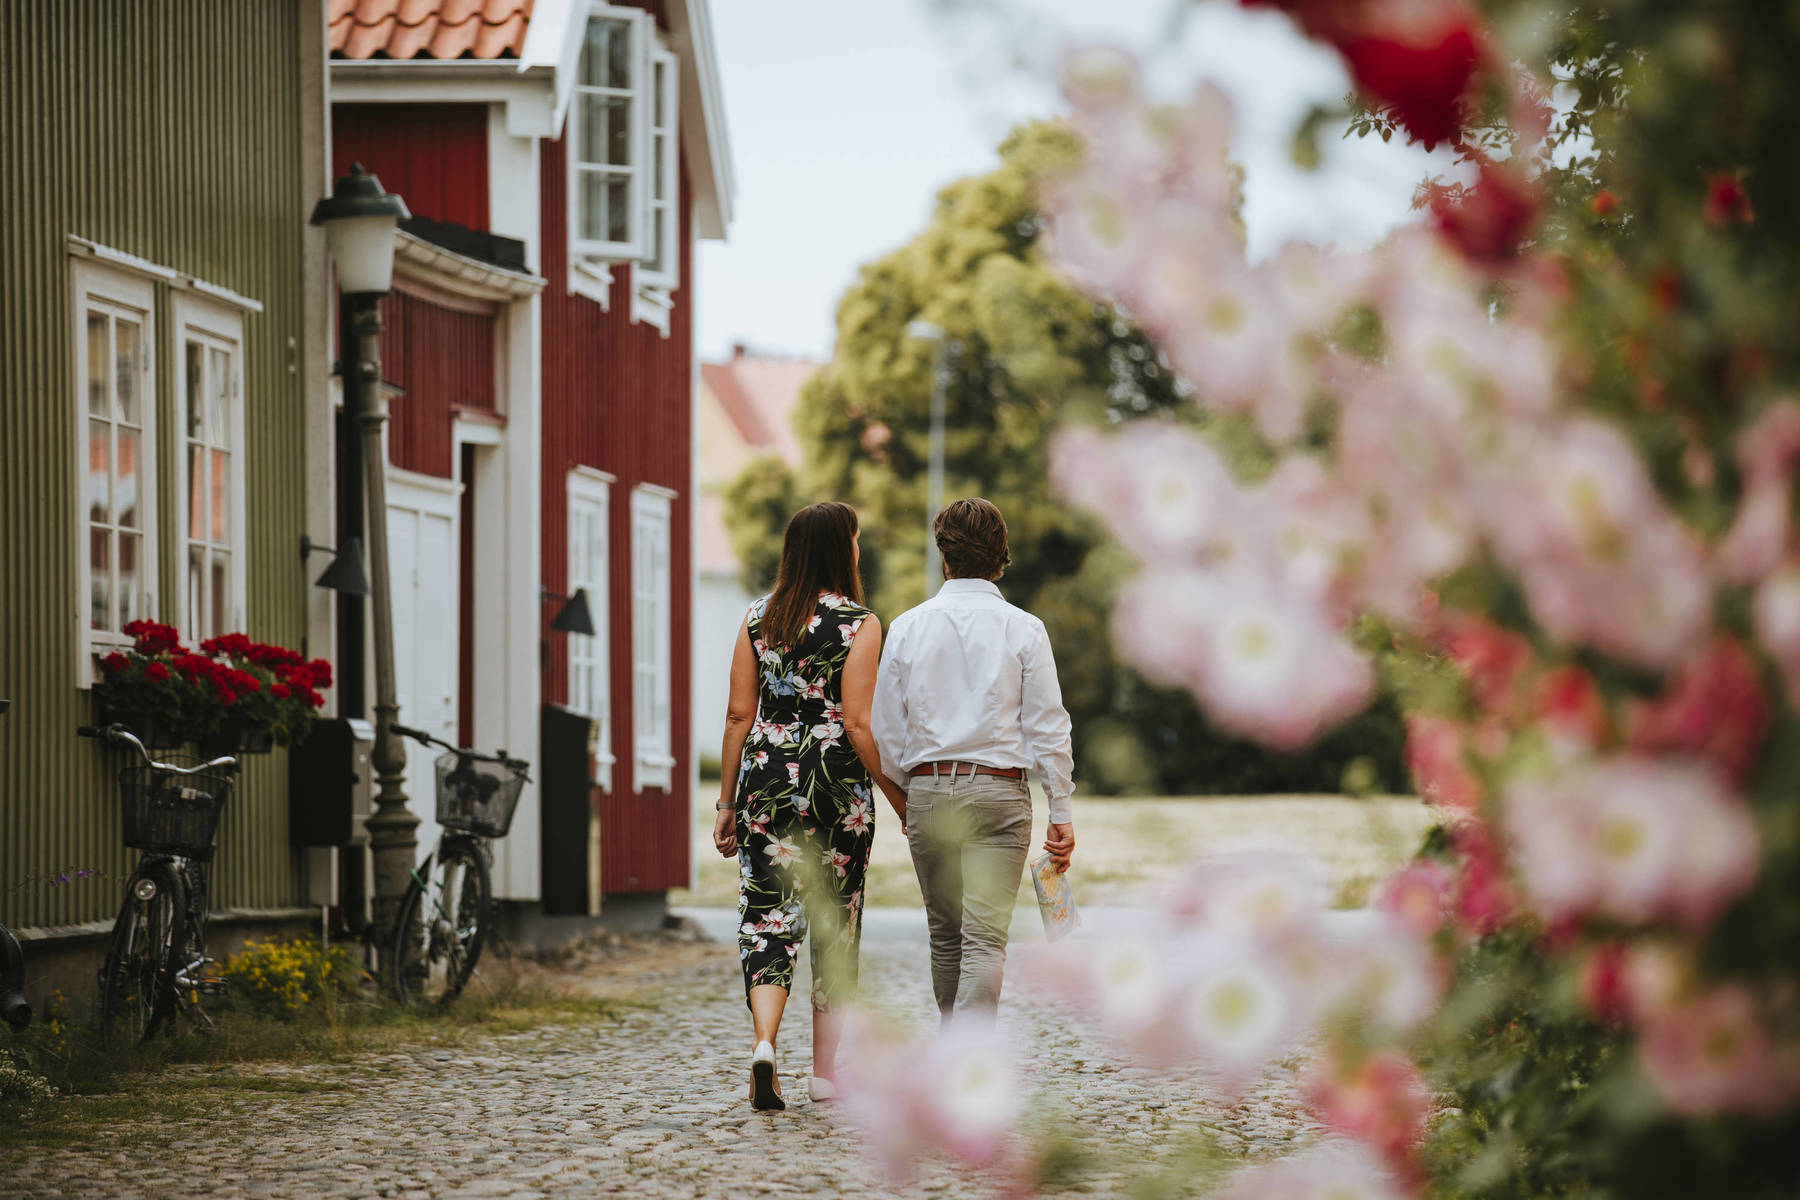 Par som går längs kullerstensgata i Kalmar